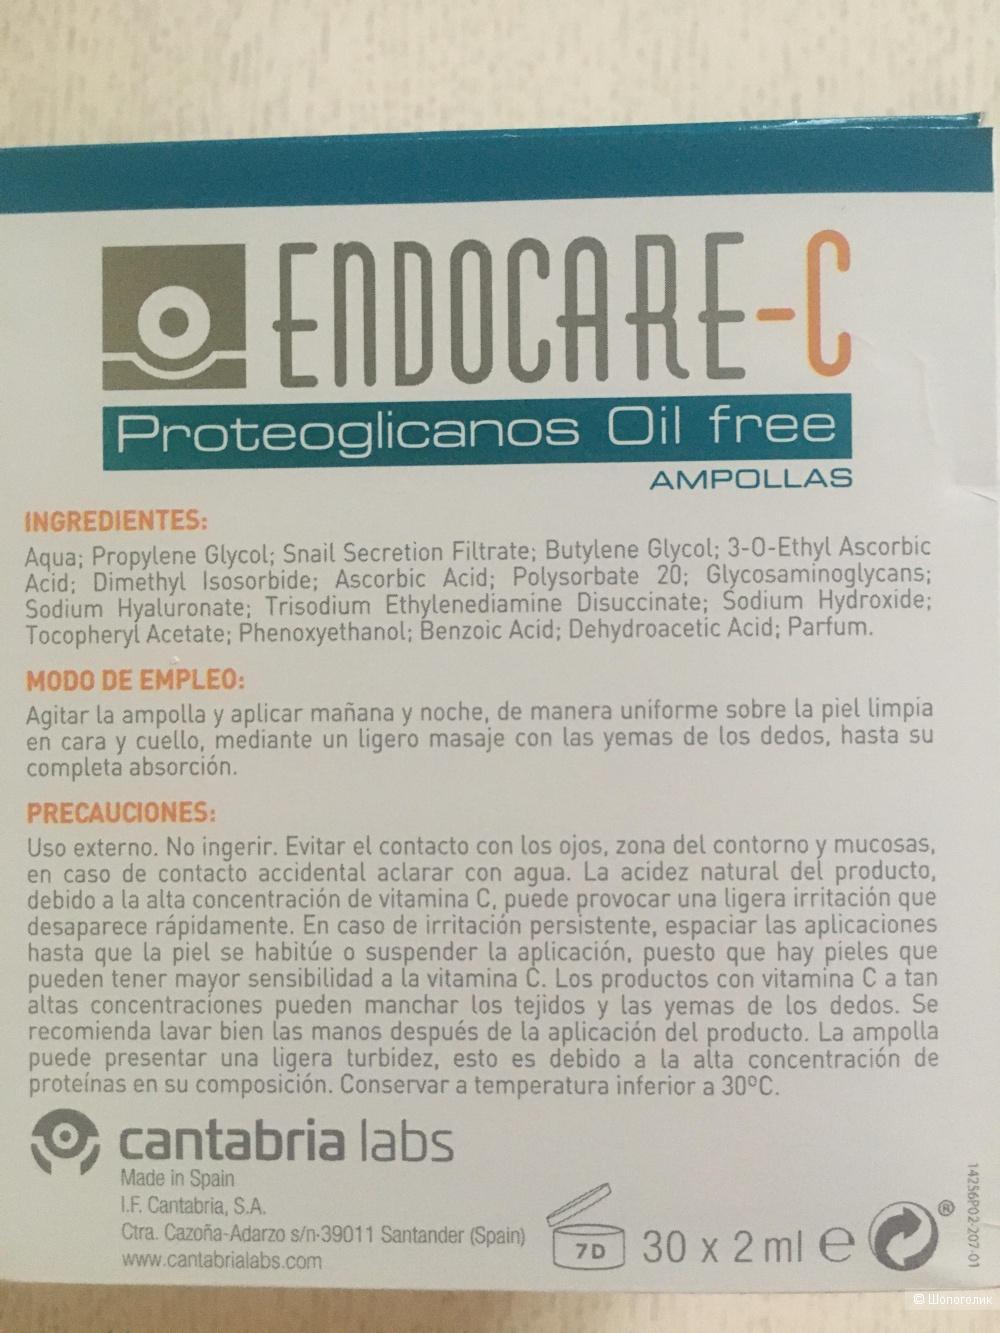 Сыворотка Endocare, 2 ml